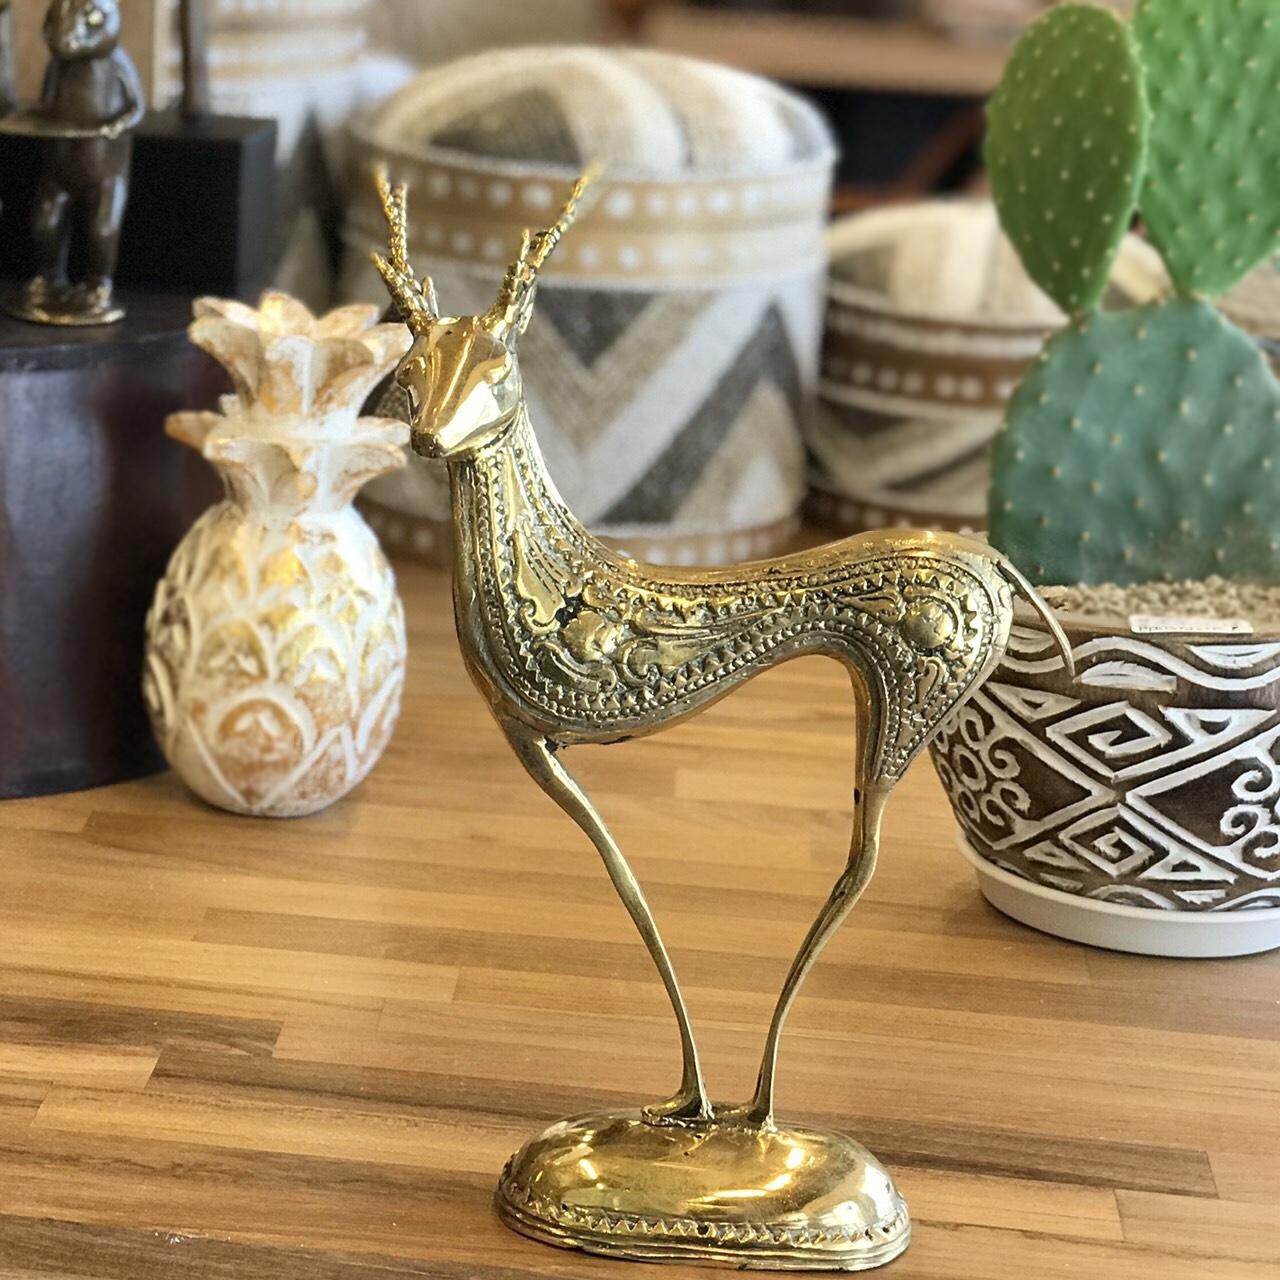 キジャン(鹿)の真鍮製オブジェ